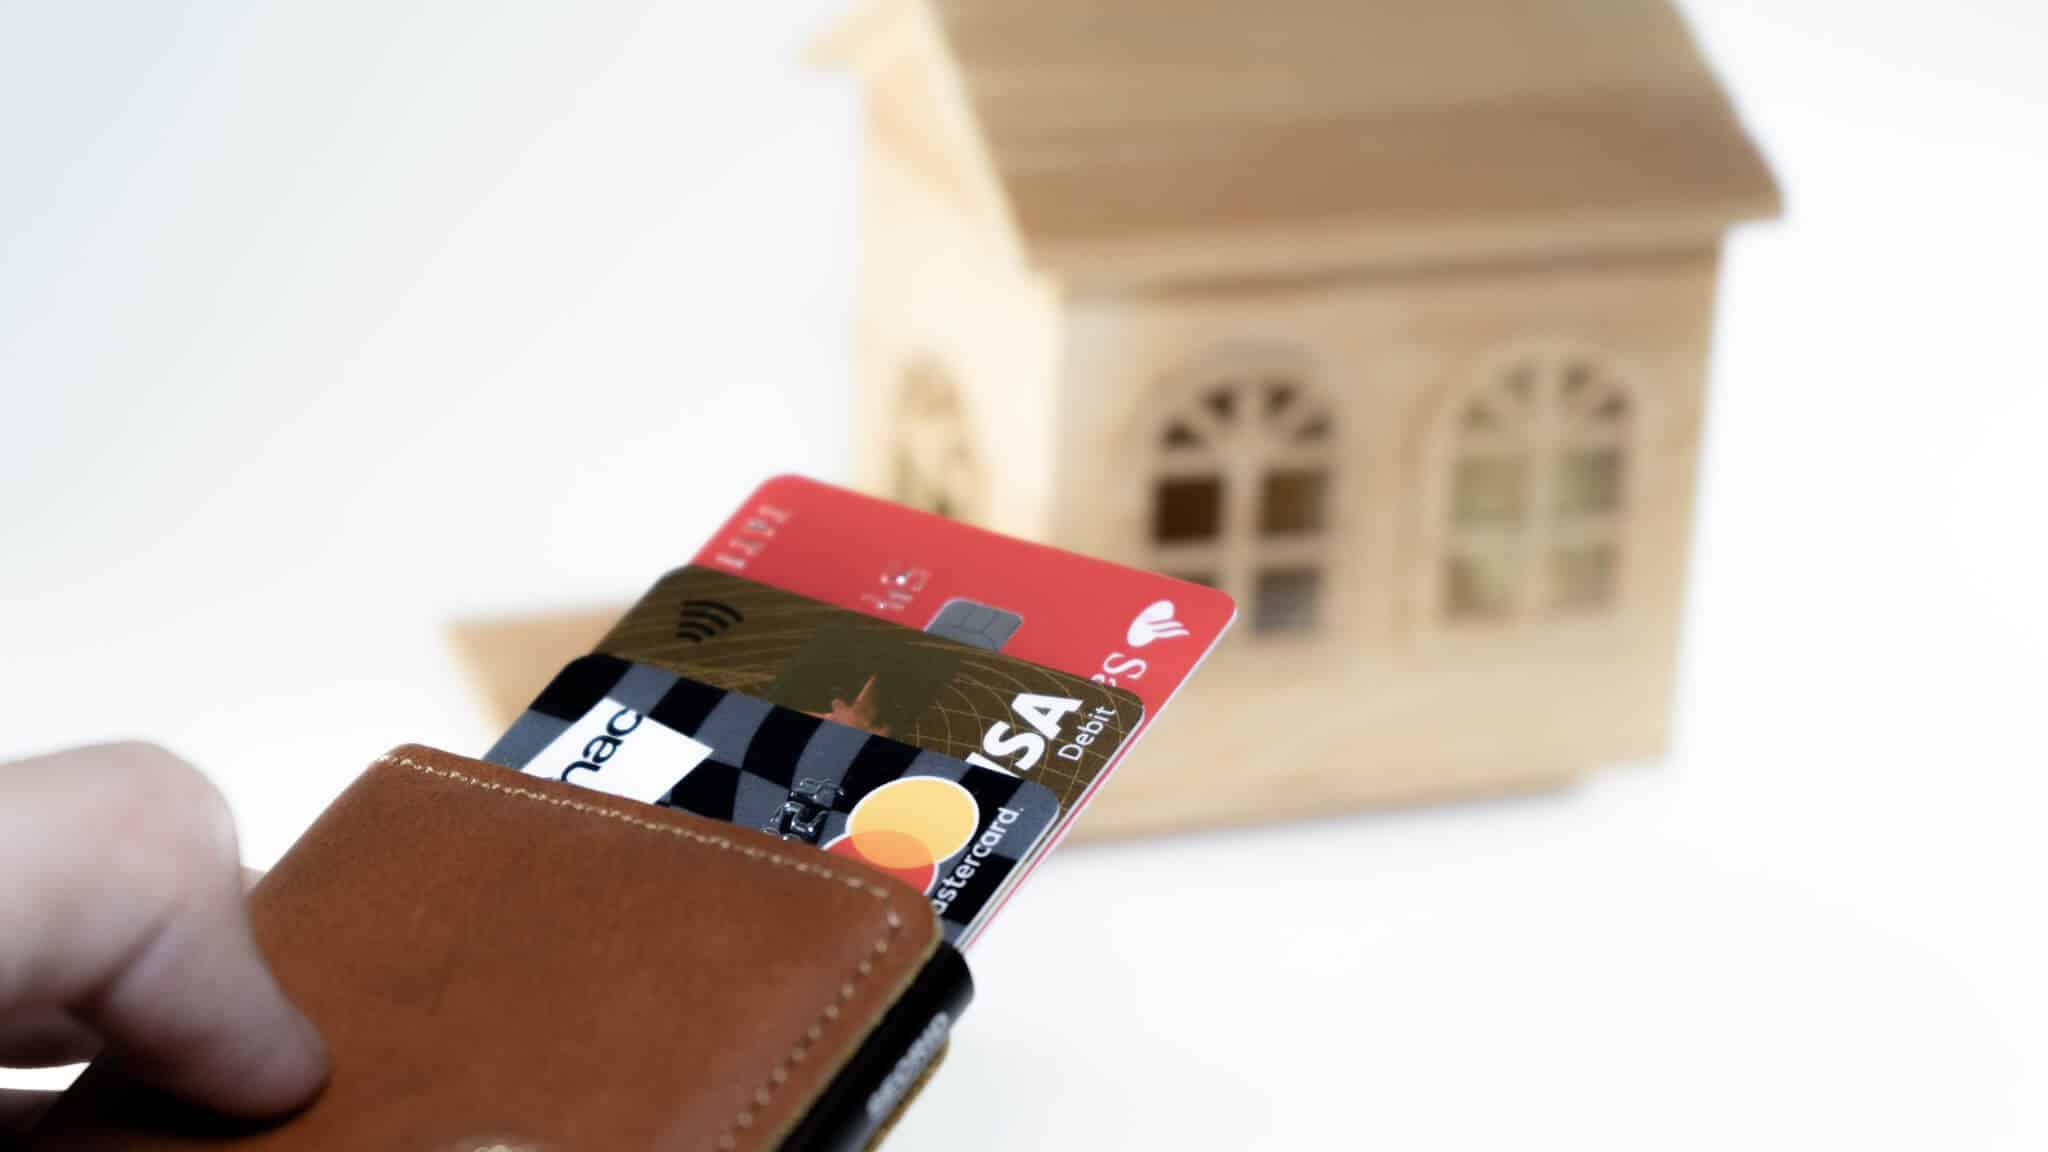 carteira com vários cartões e uma casa de madeira ao longe